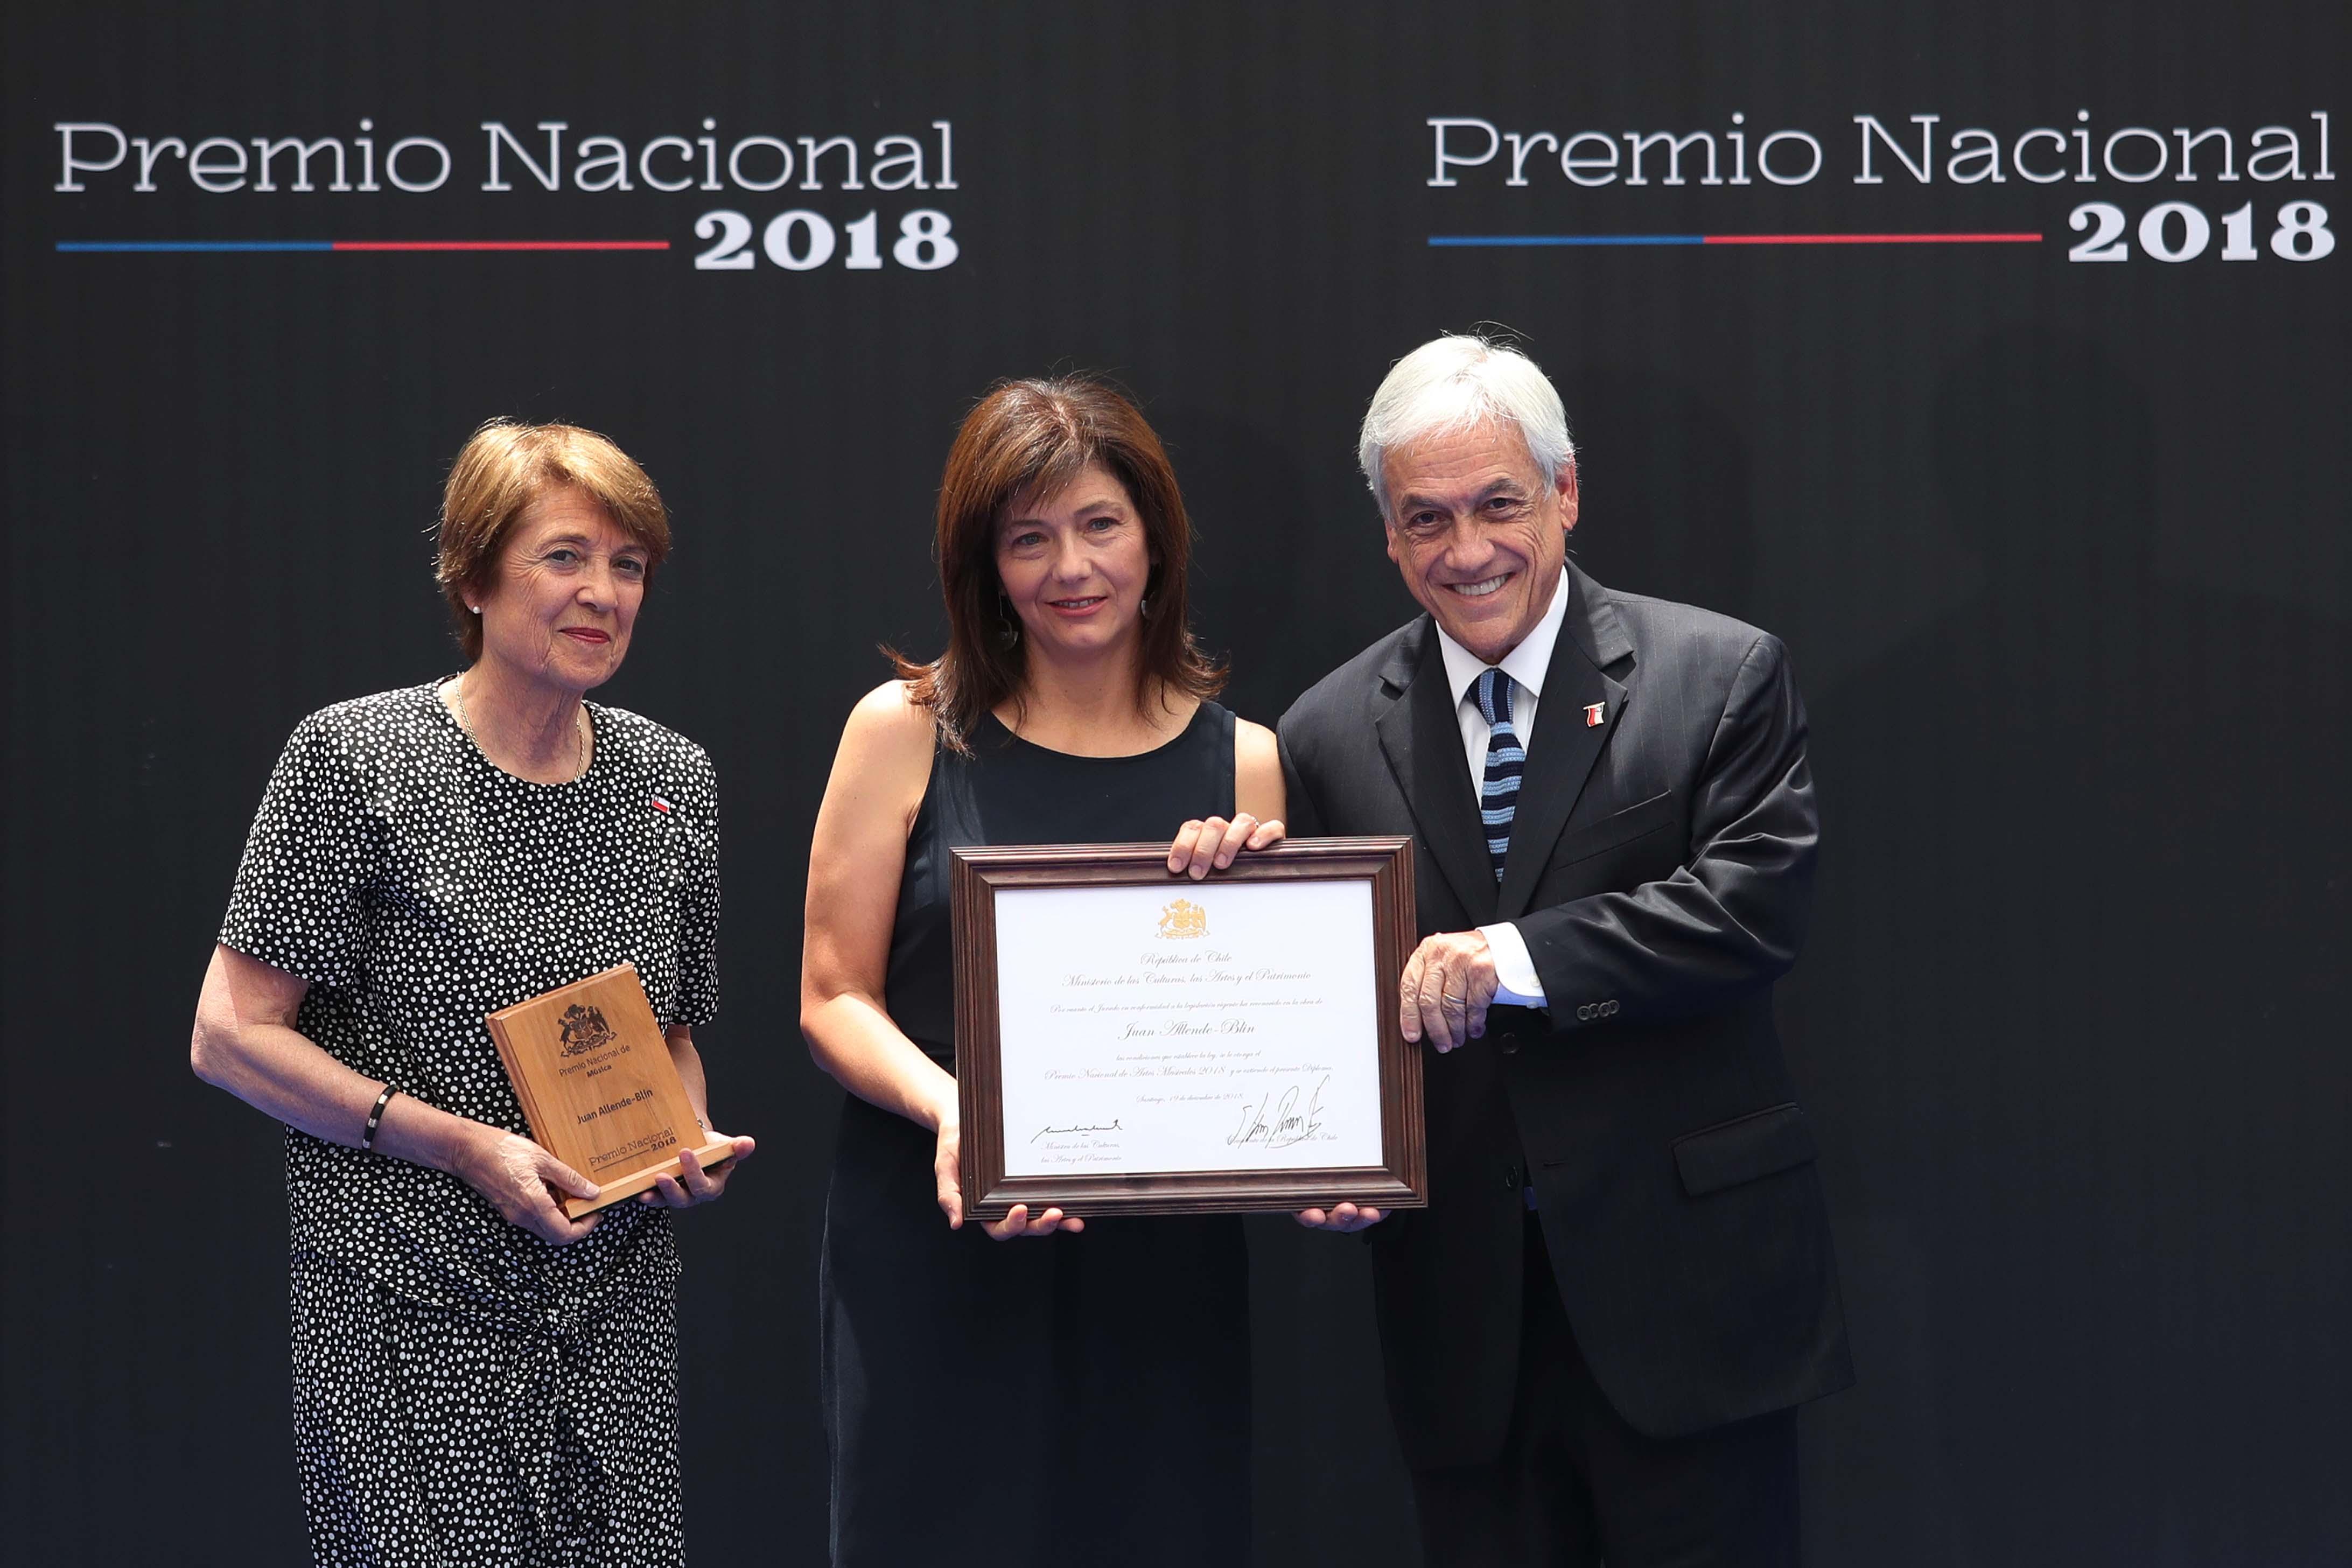 PREMIO NACIONAL 2018 FOTOS: MARIO RUIZ